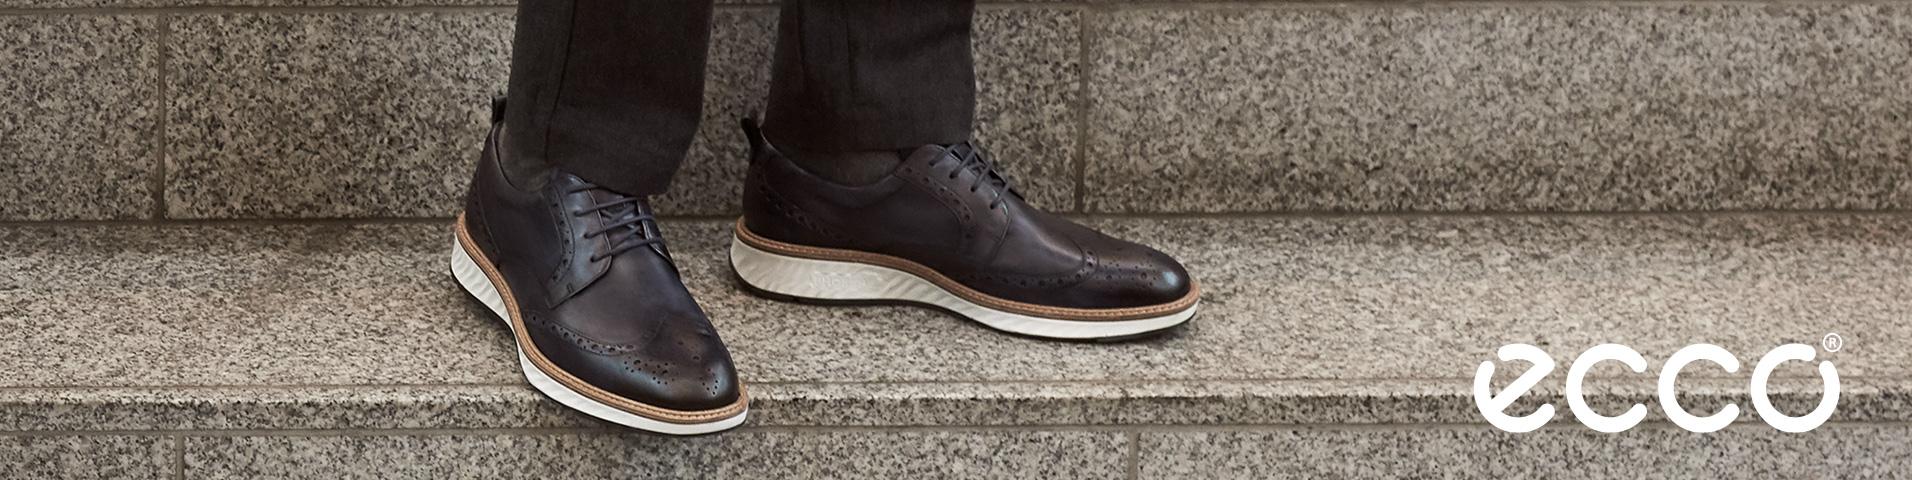 Ecco Schuhe für Herren | ZALANDO